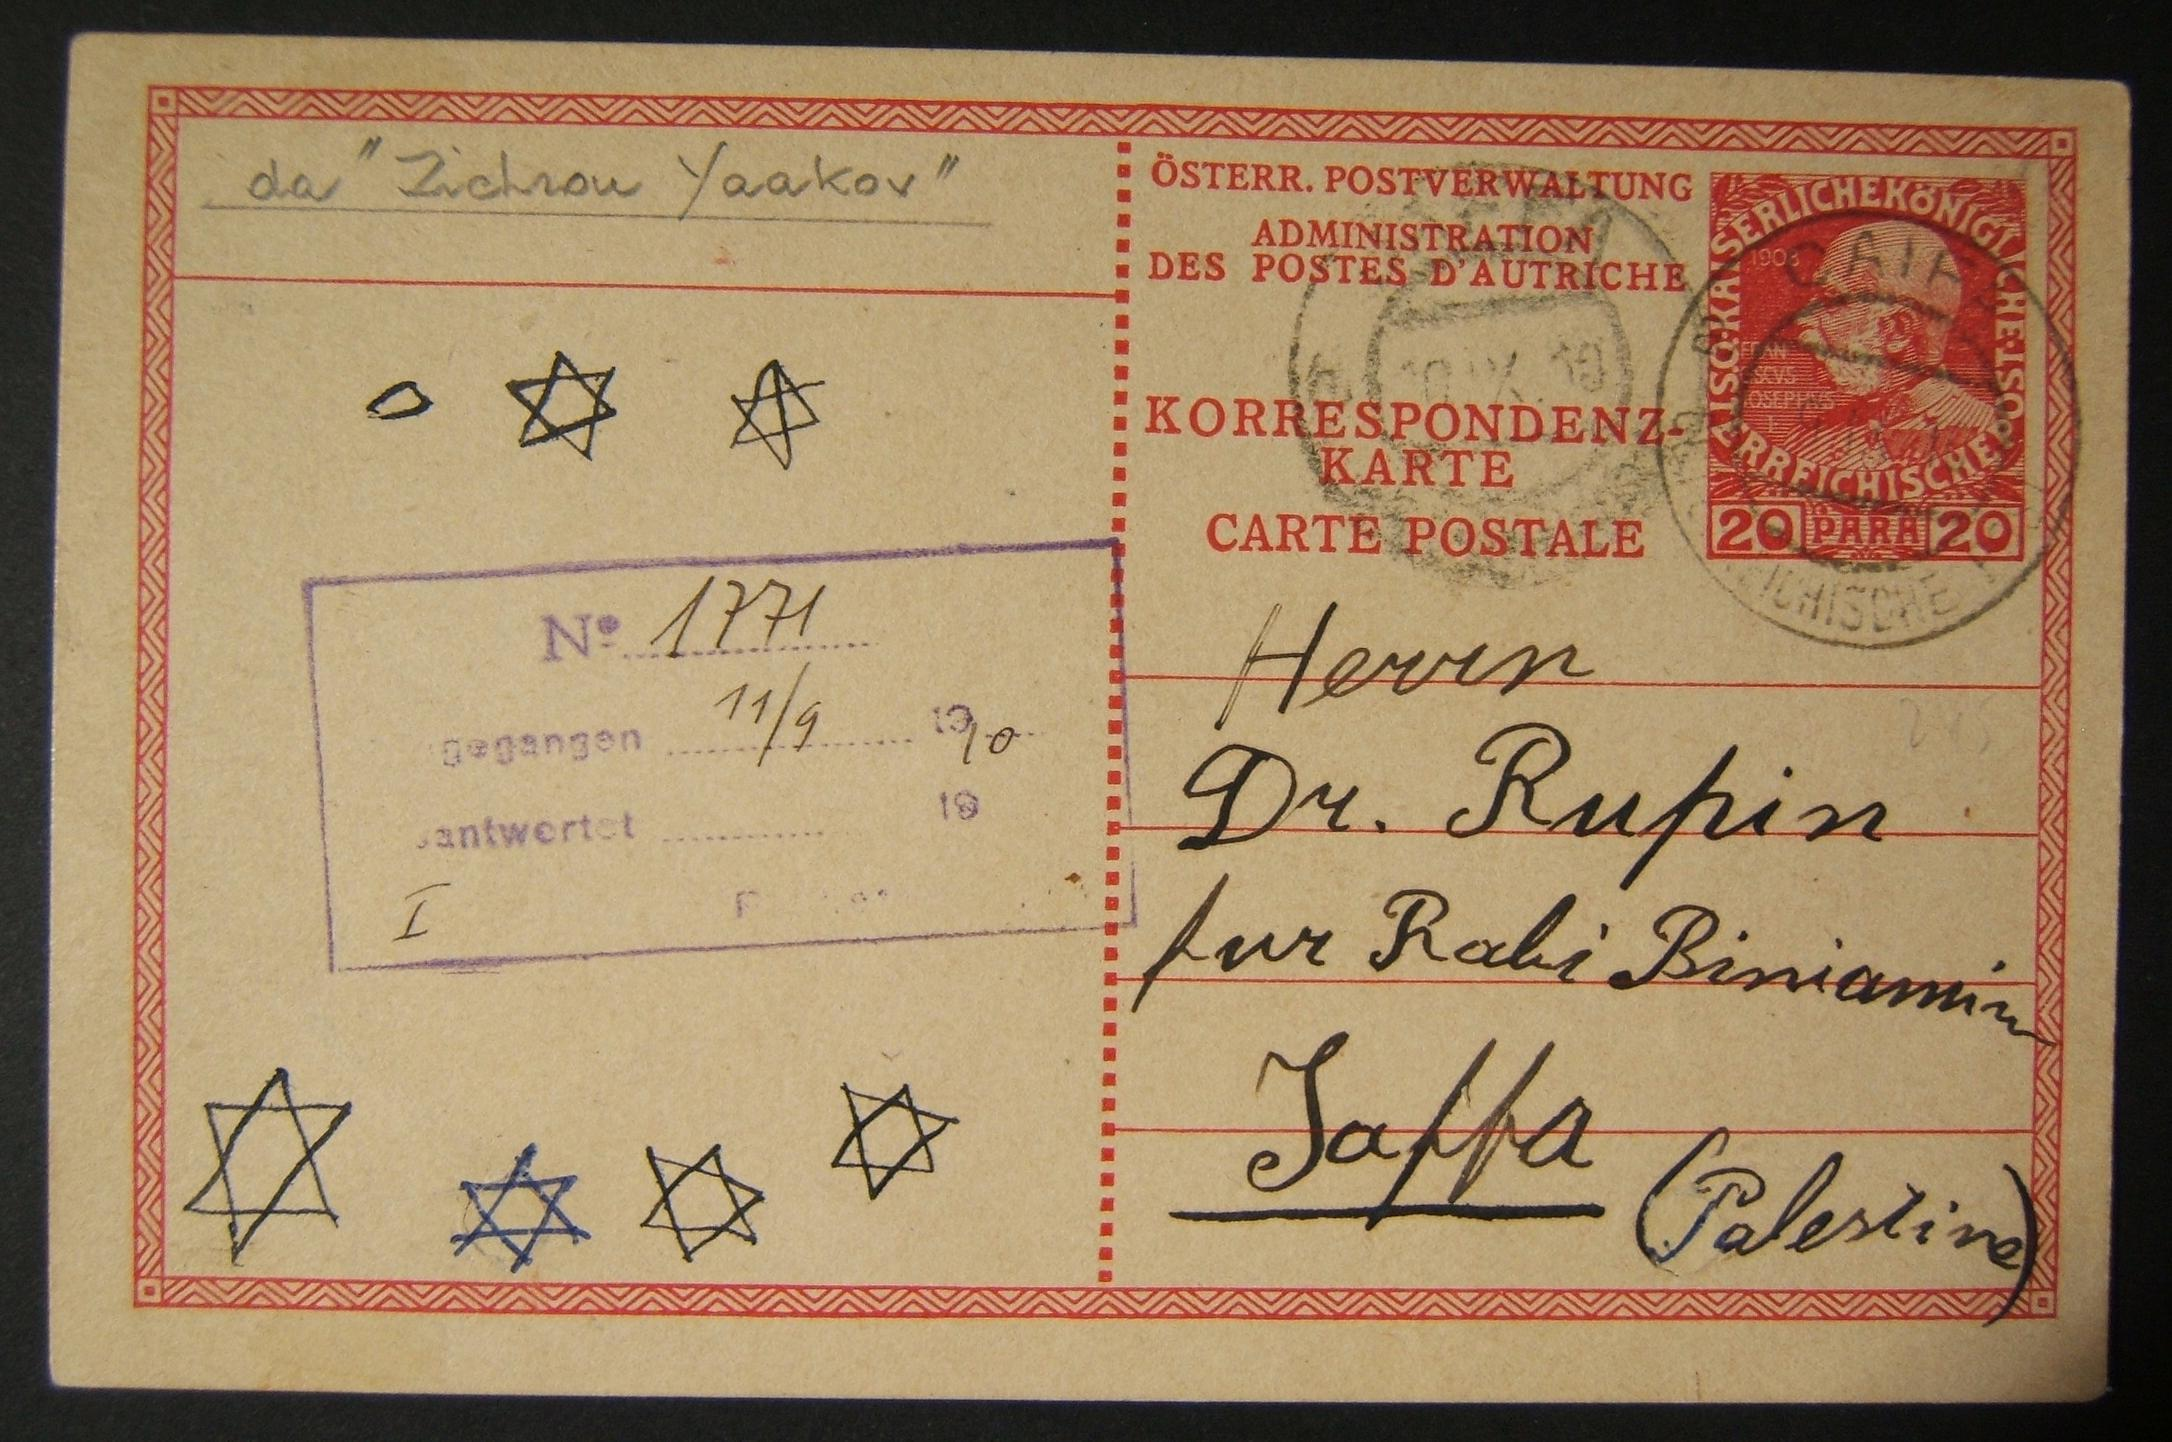 مستعمرة Holyland اليهودية بريد من حاييم دوف في زخرون يعقوب إلى روبن في يافا 1910